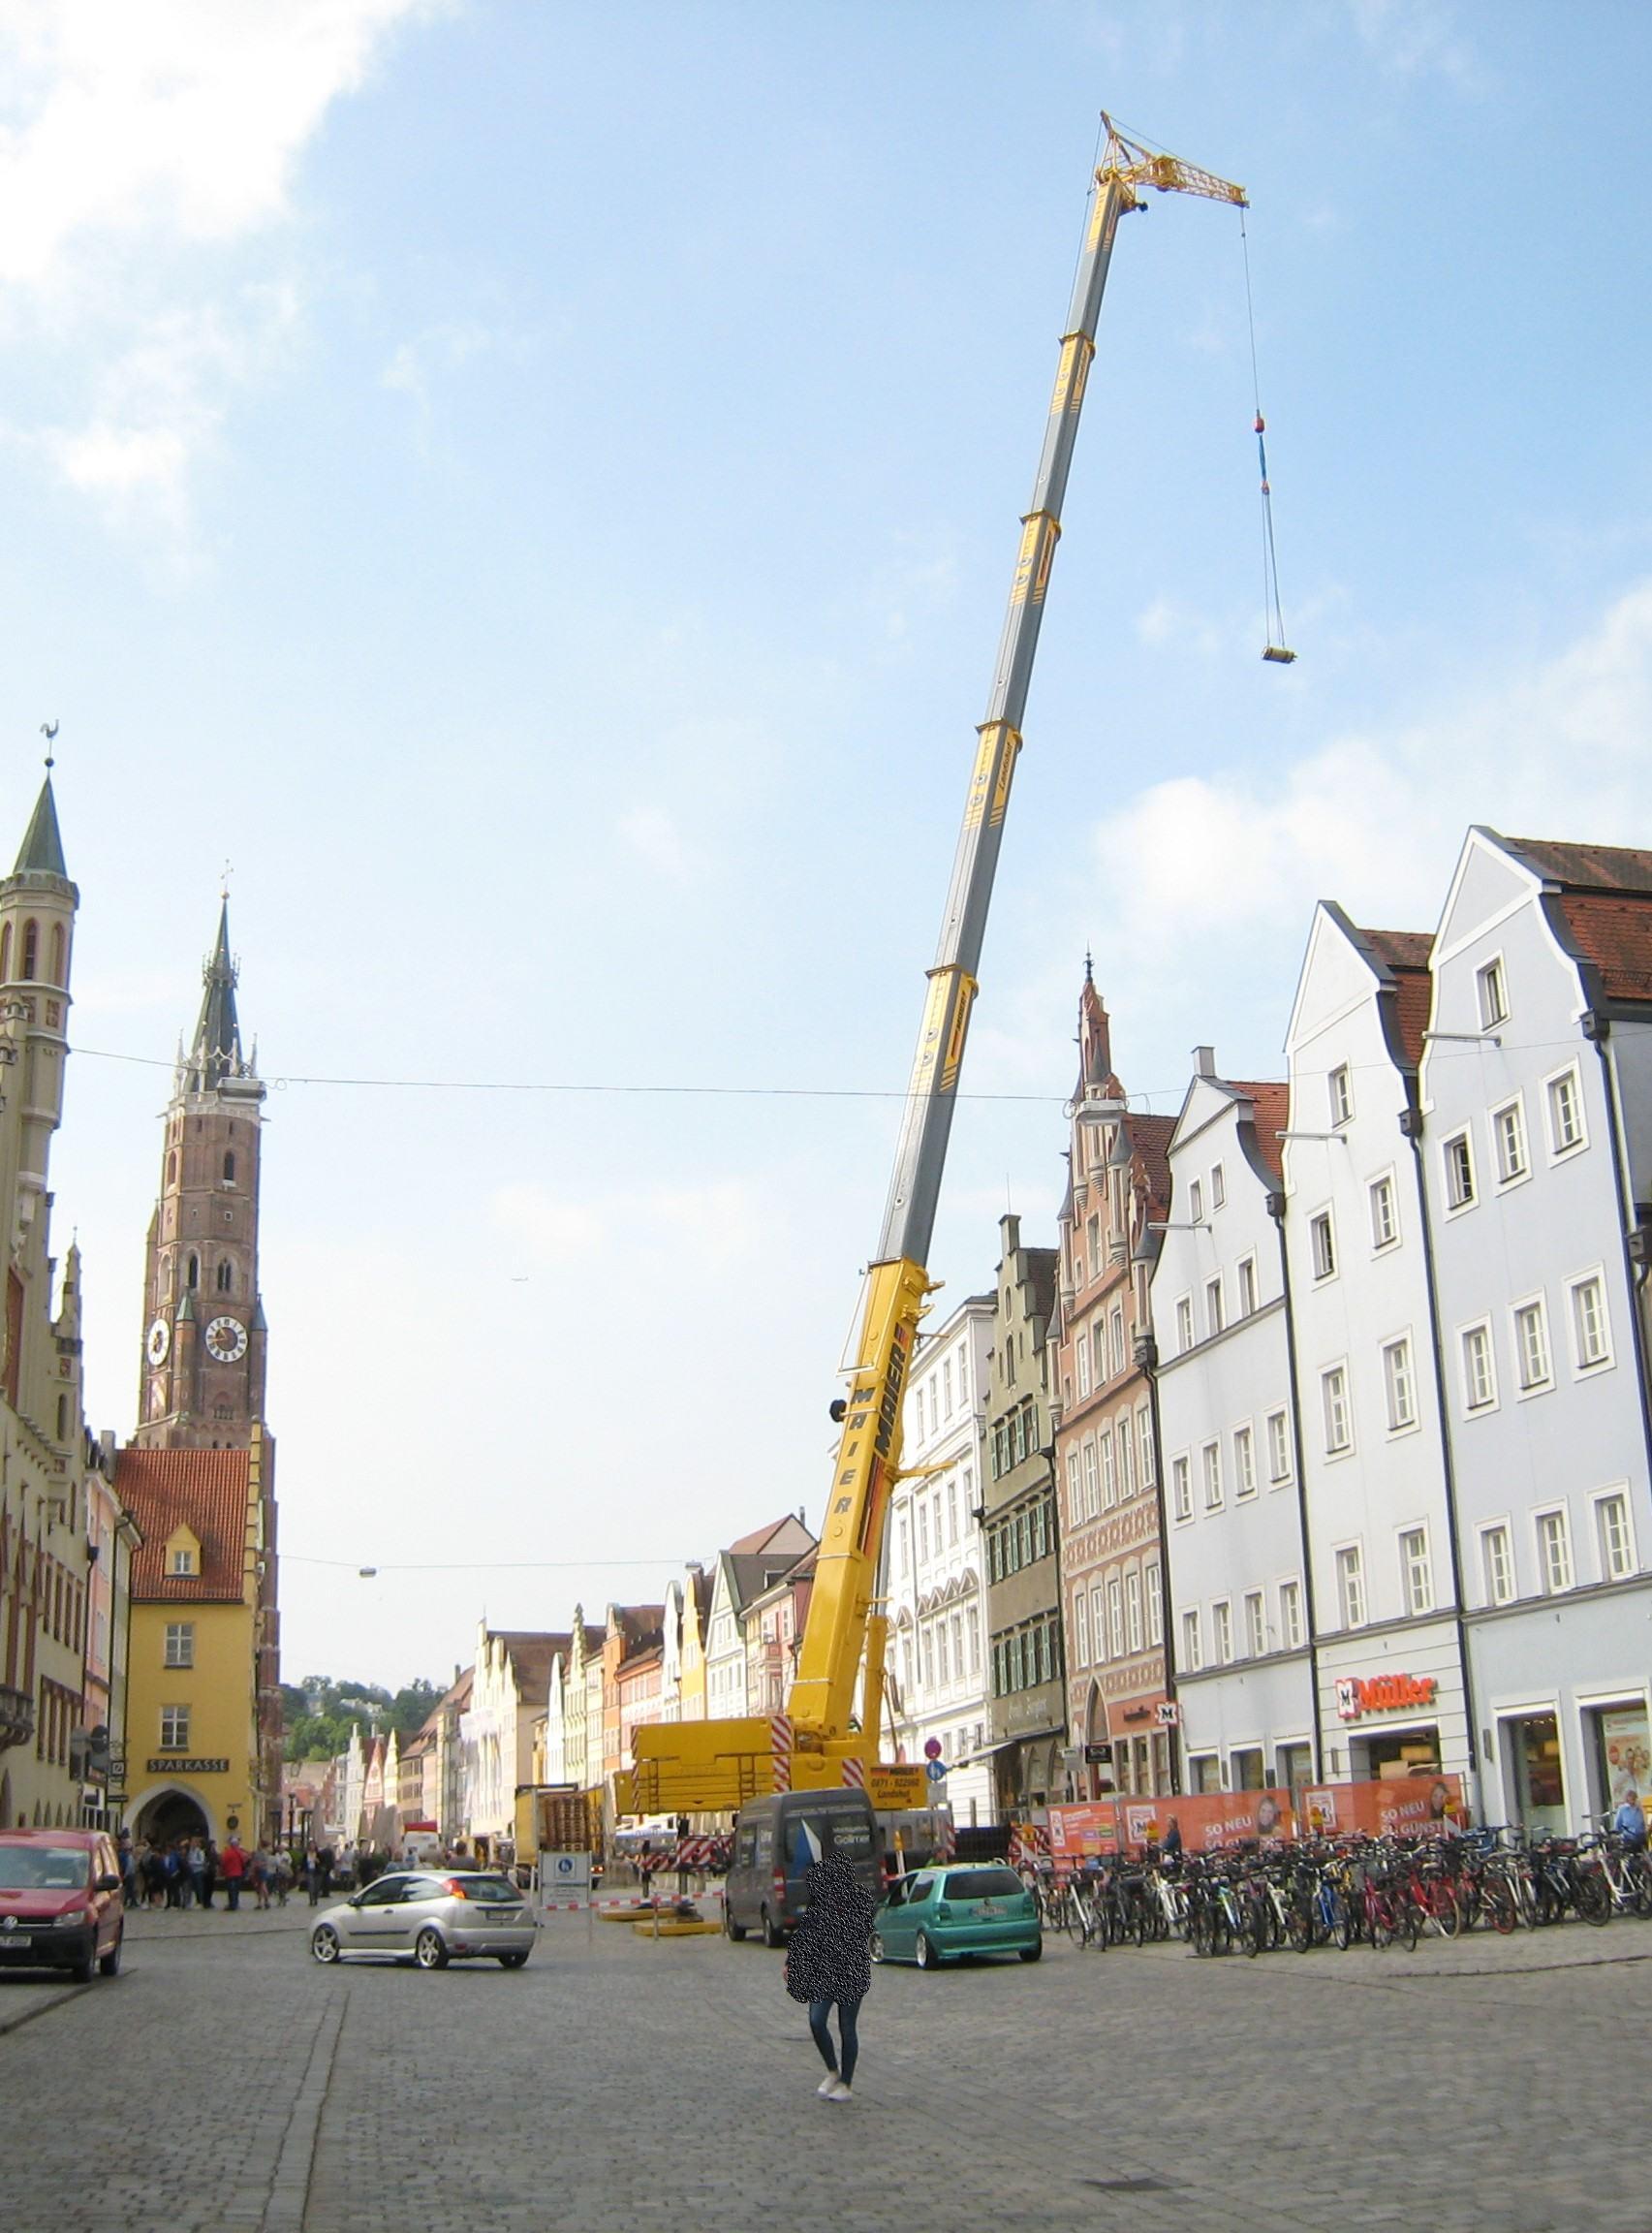 Austausch einer Klimaanlage in der Altstadt Landshut